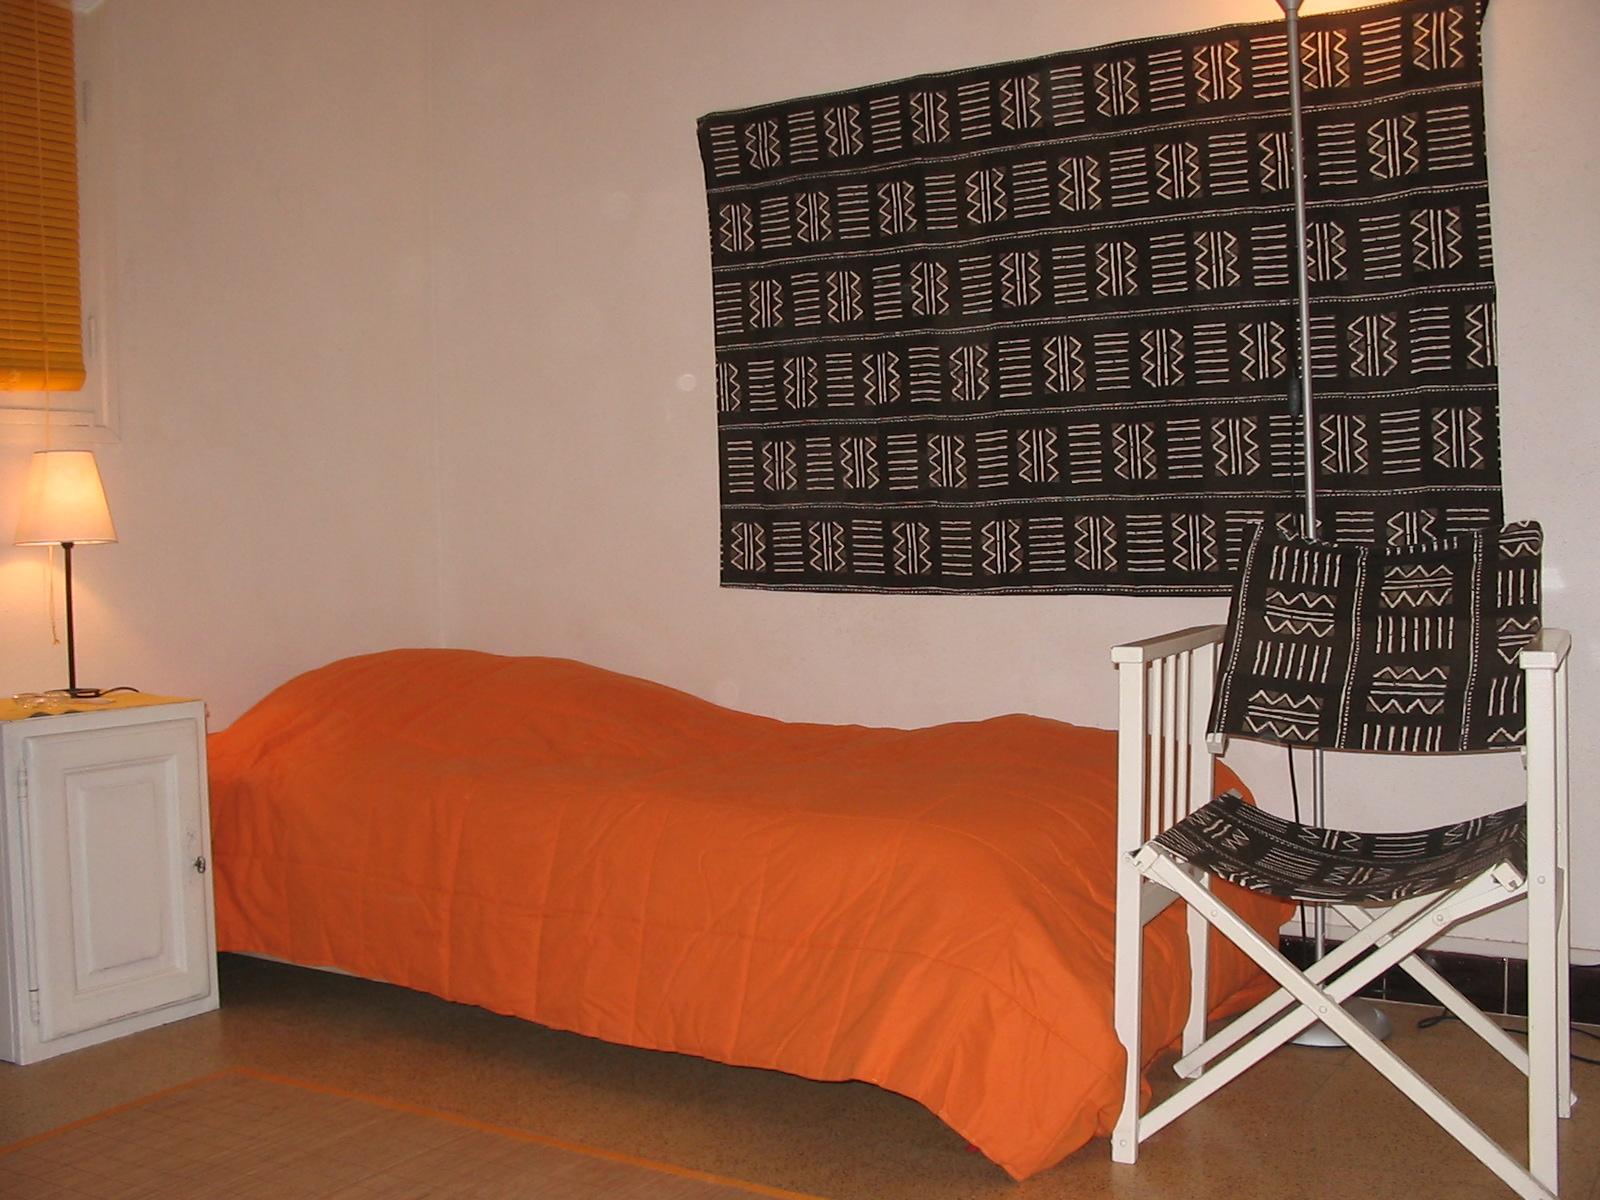 location chambre meublée à montpellier - Location Table Et Chaise Montpellier